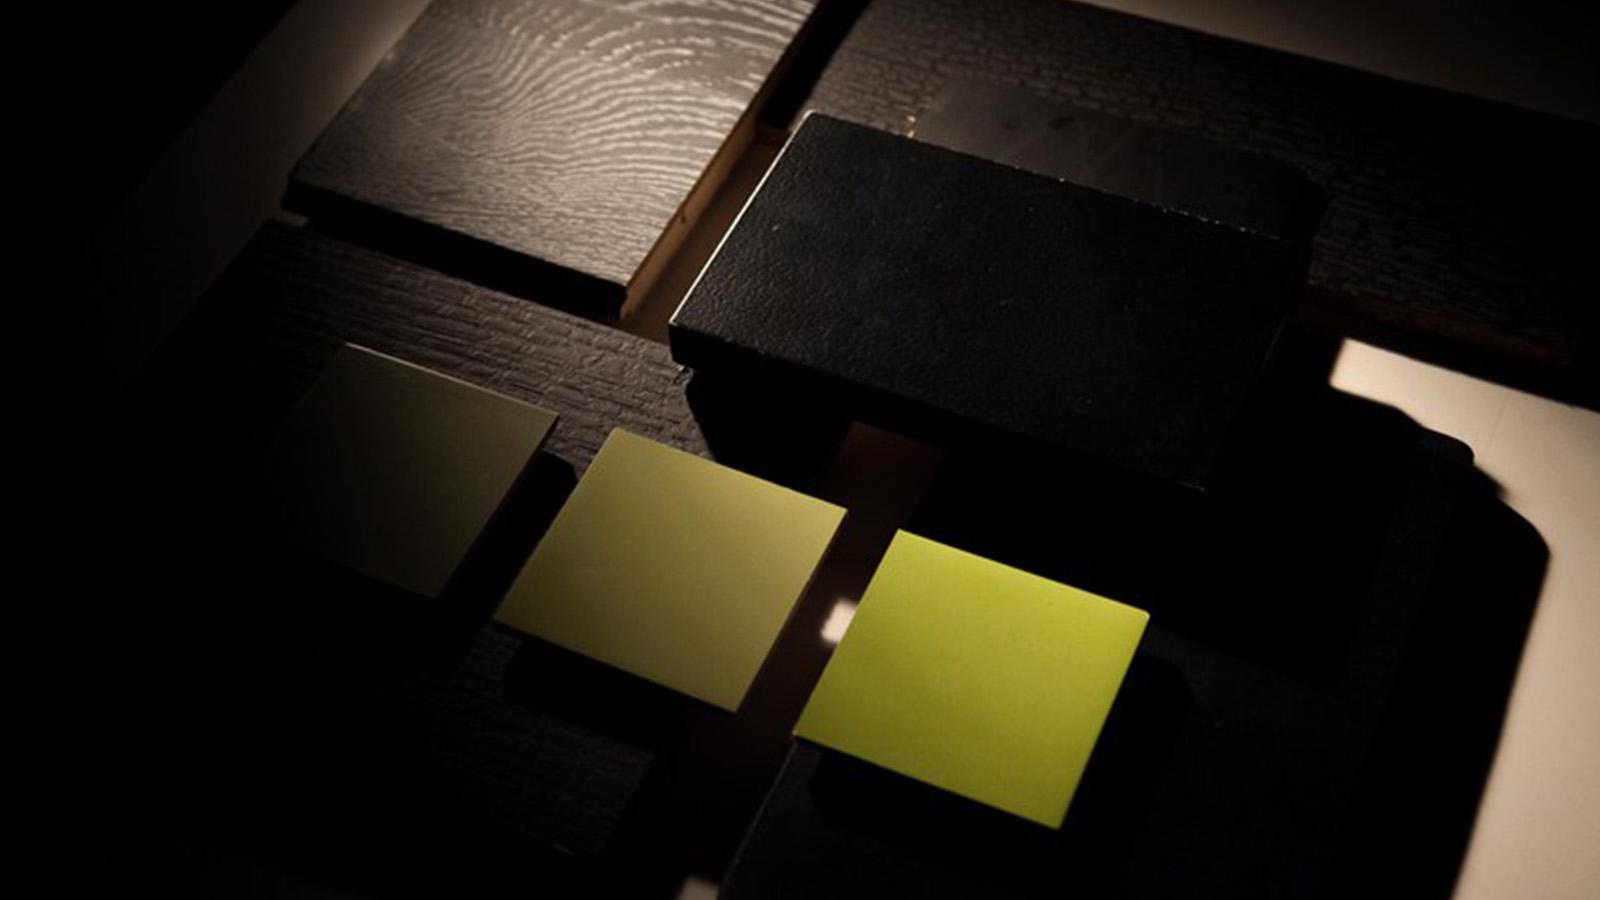 consulenza-e-ricerca-colore-materiali-finiture-bigliotti-vernici-contrasto